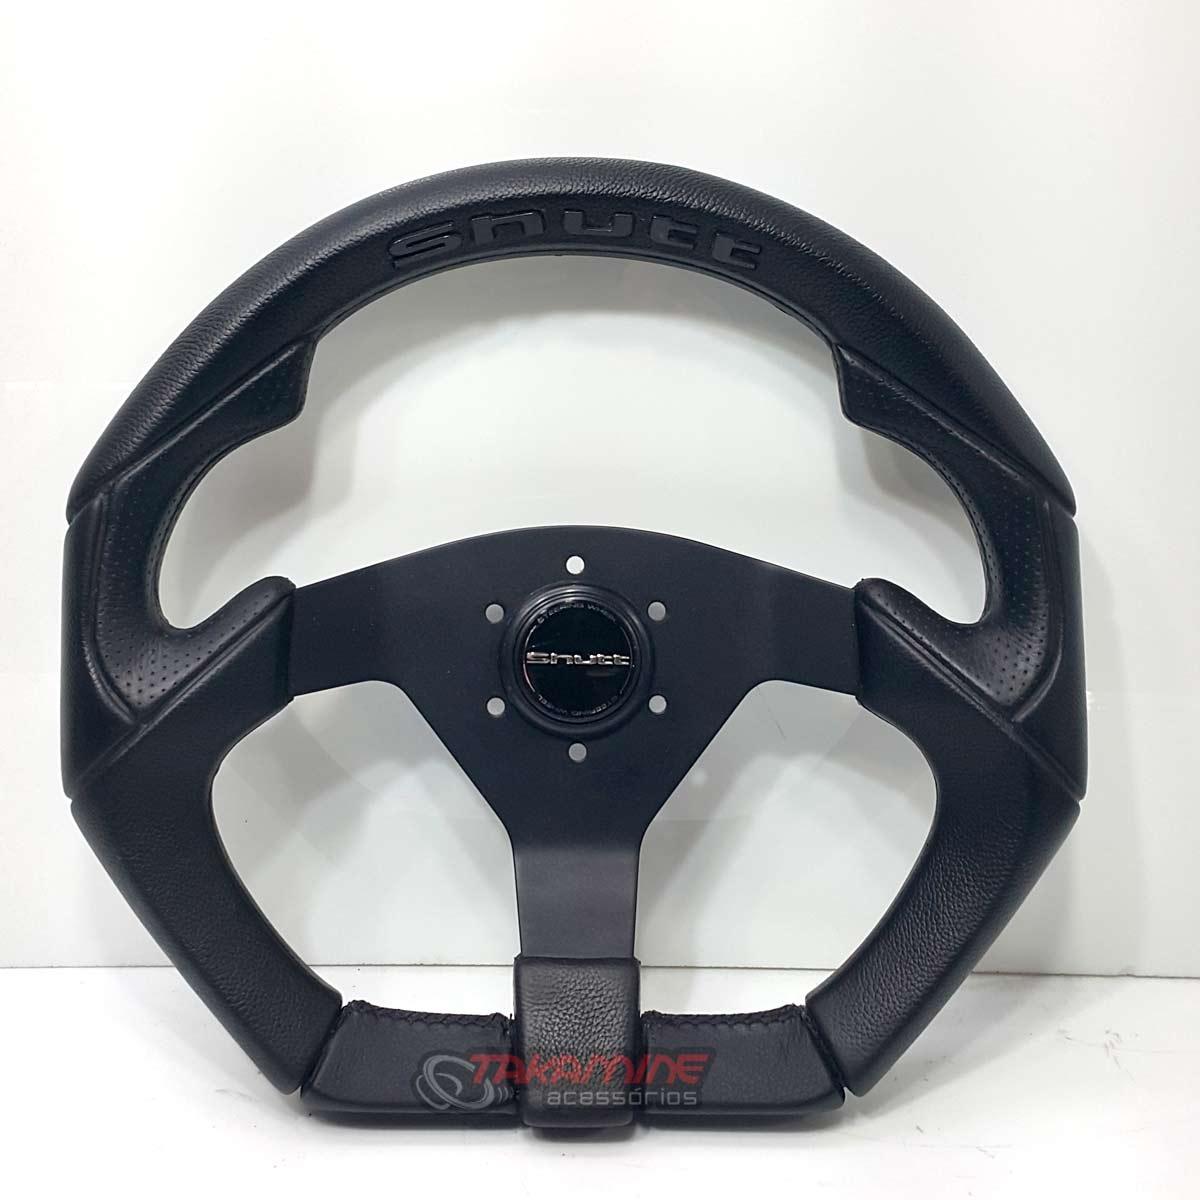 Volante esportivo Shutt S3R centro black com detalhe preto